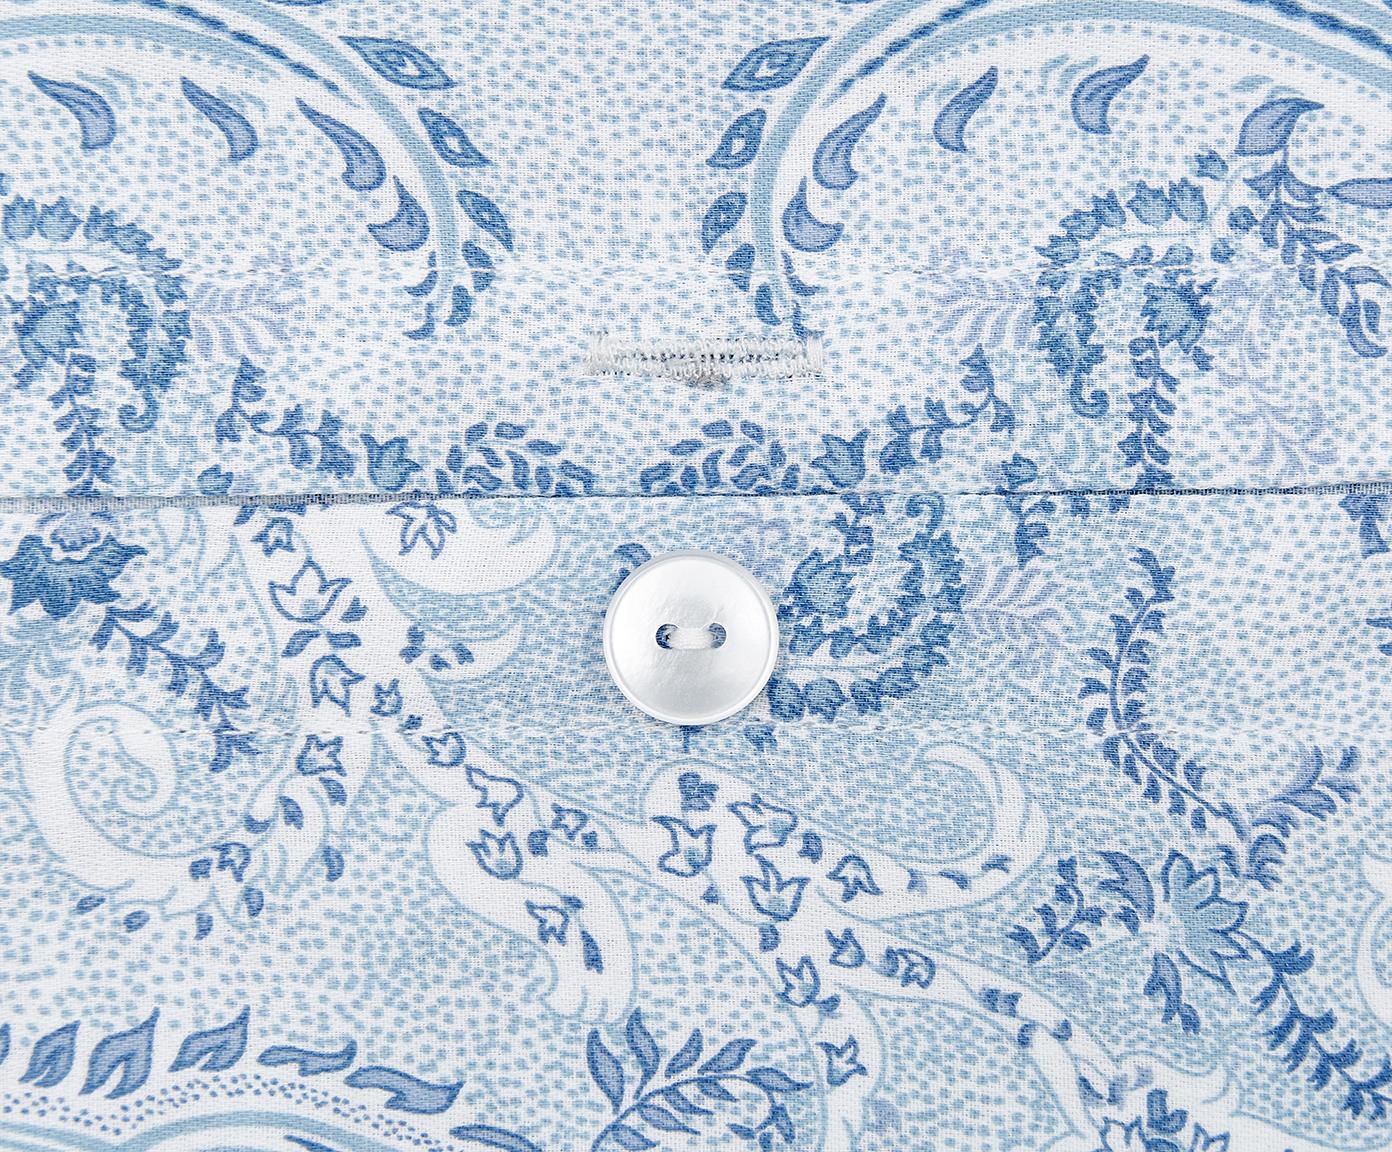 Pościel z satyny bawełnianej Grantham, Niebieski, 240 x 220 cm